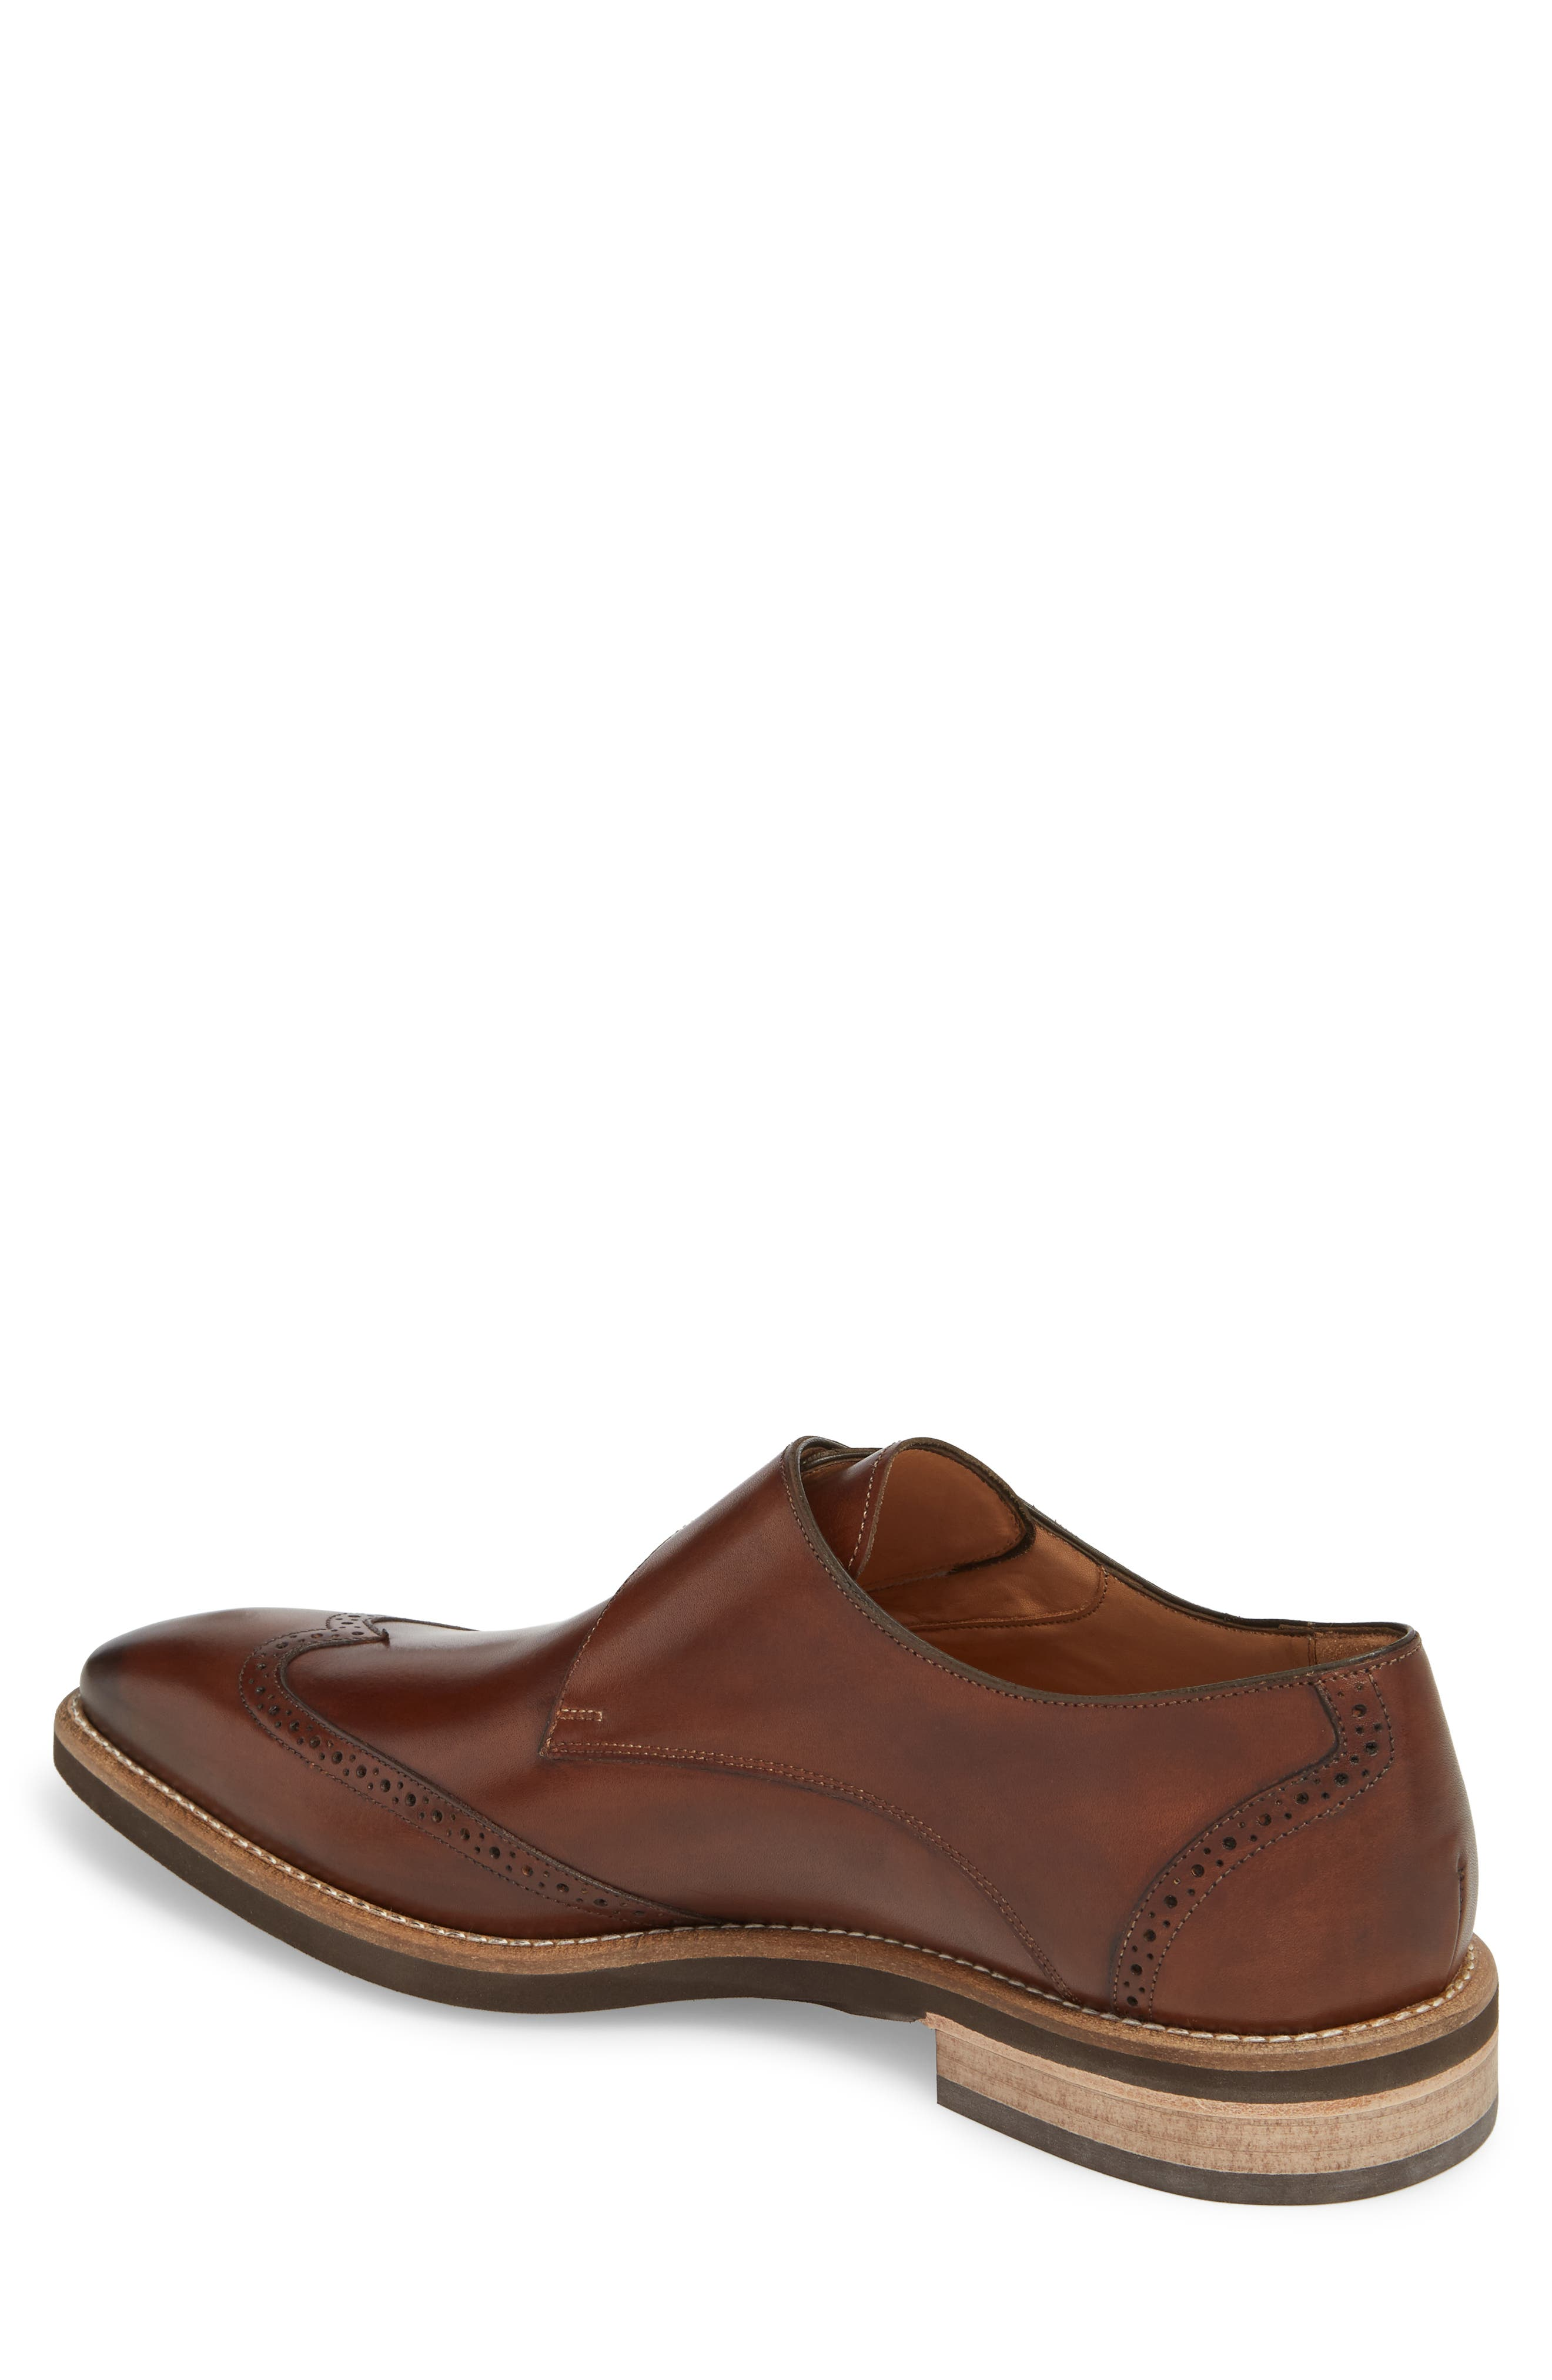 MEZLAN, Feresta Wingtip Monk Shoe, Alternate thumbnail 2, color, COGNAC